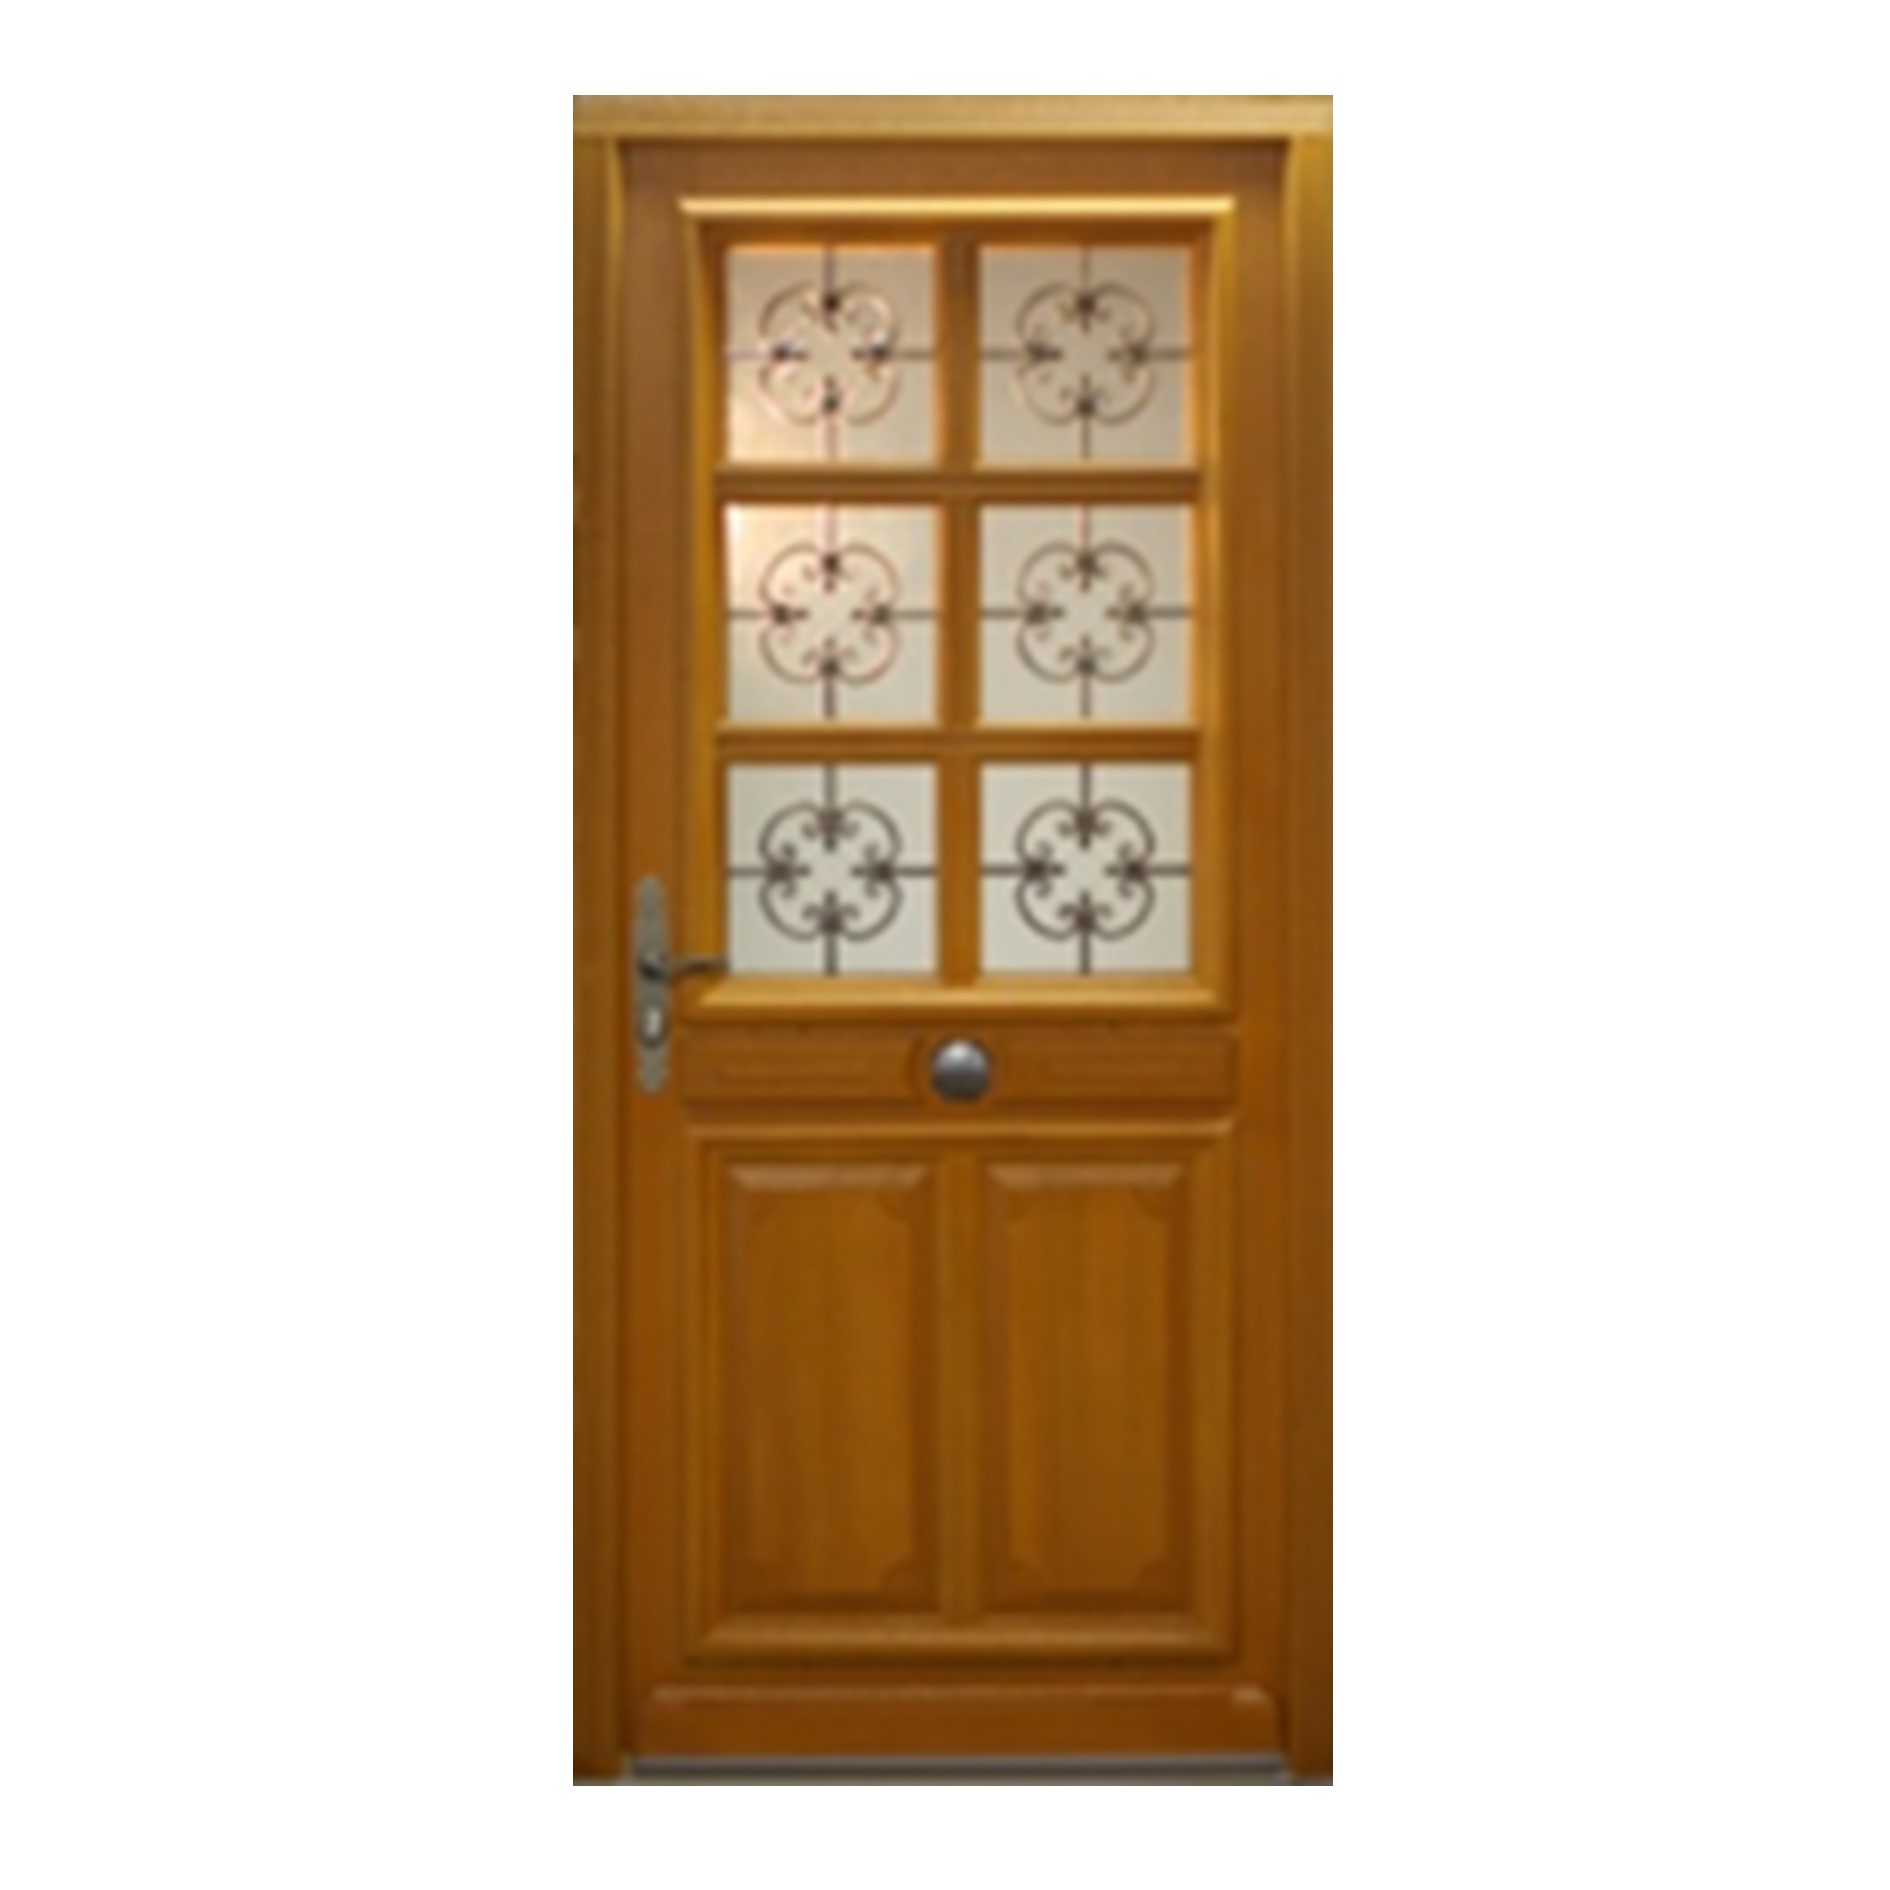 Porte d 39 entr e droite bois exotique meranti mod le ce 215 x 90cm brevon - Traitement bois exotique ...